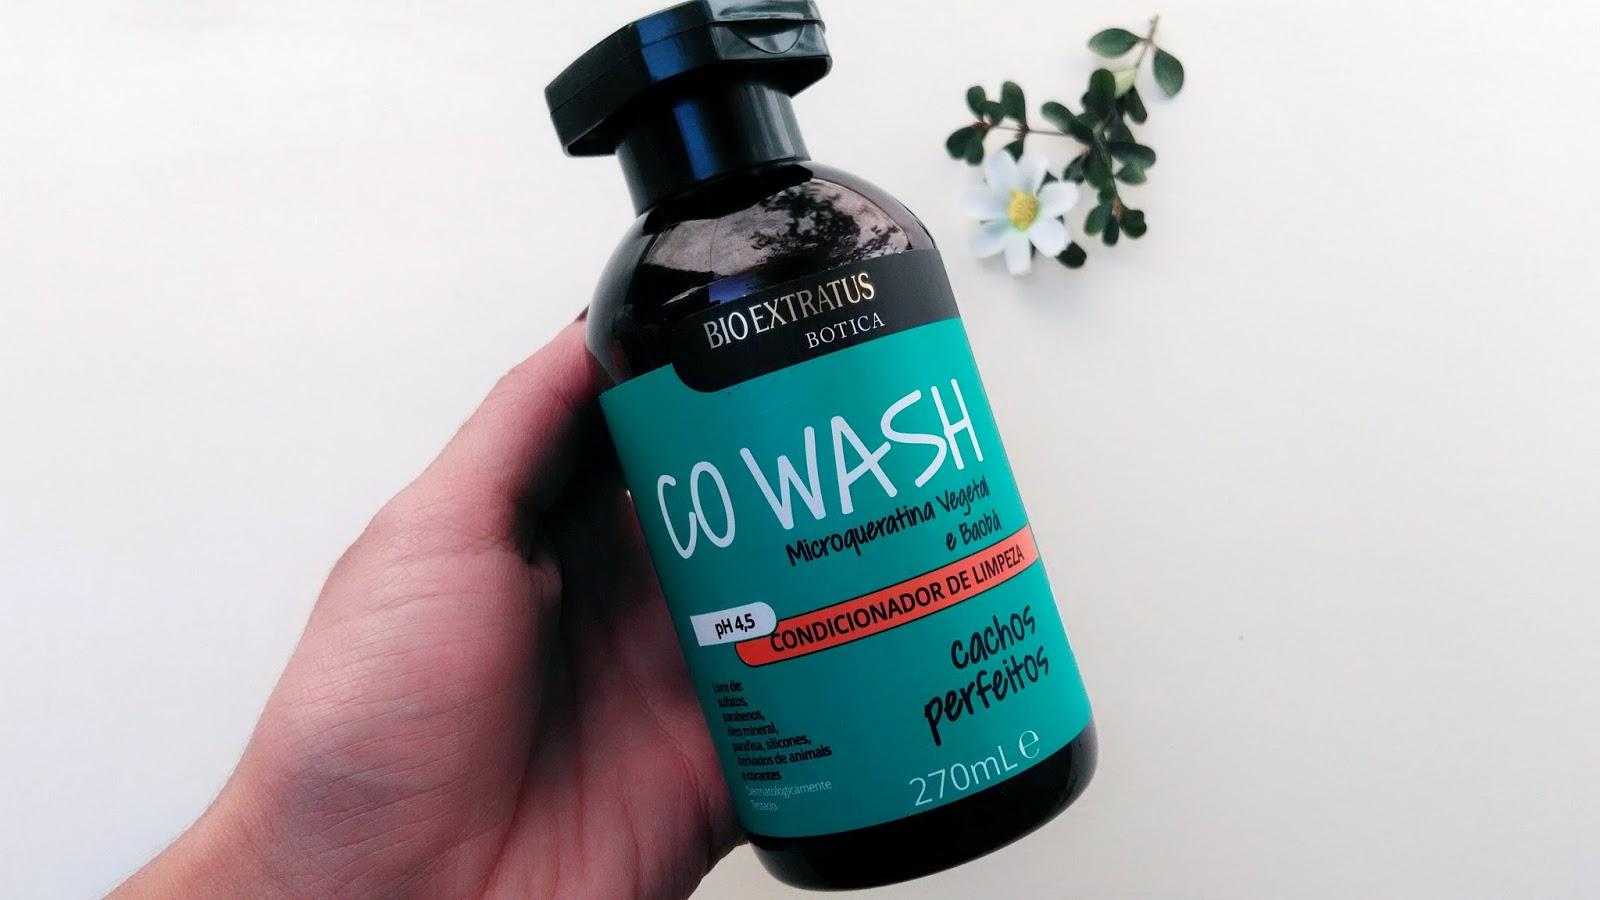 botica cachos condicionador co wash bio extratus resenha